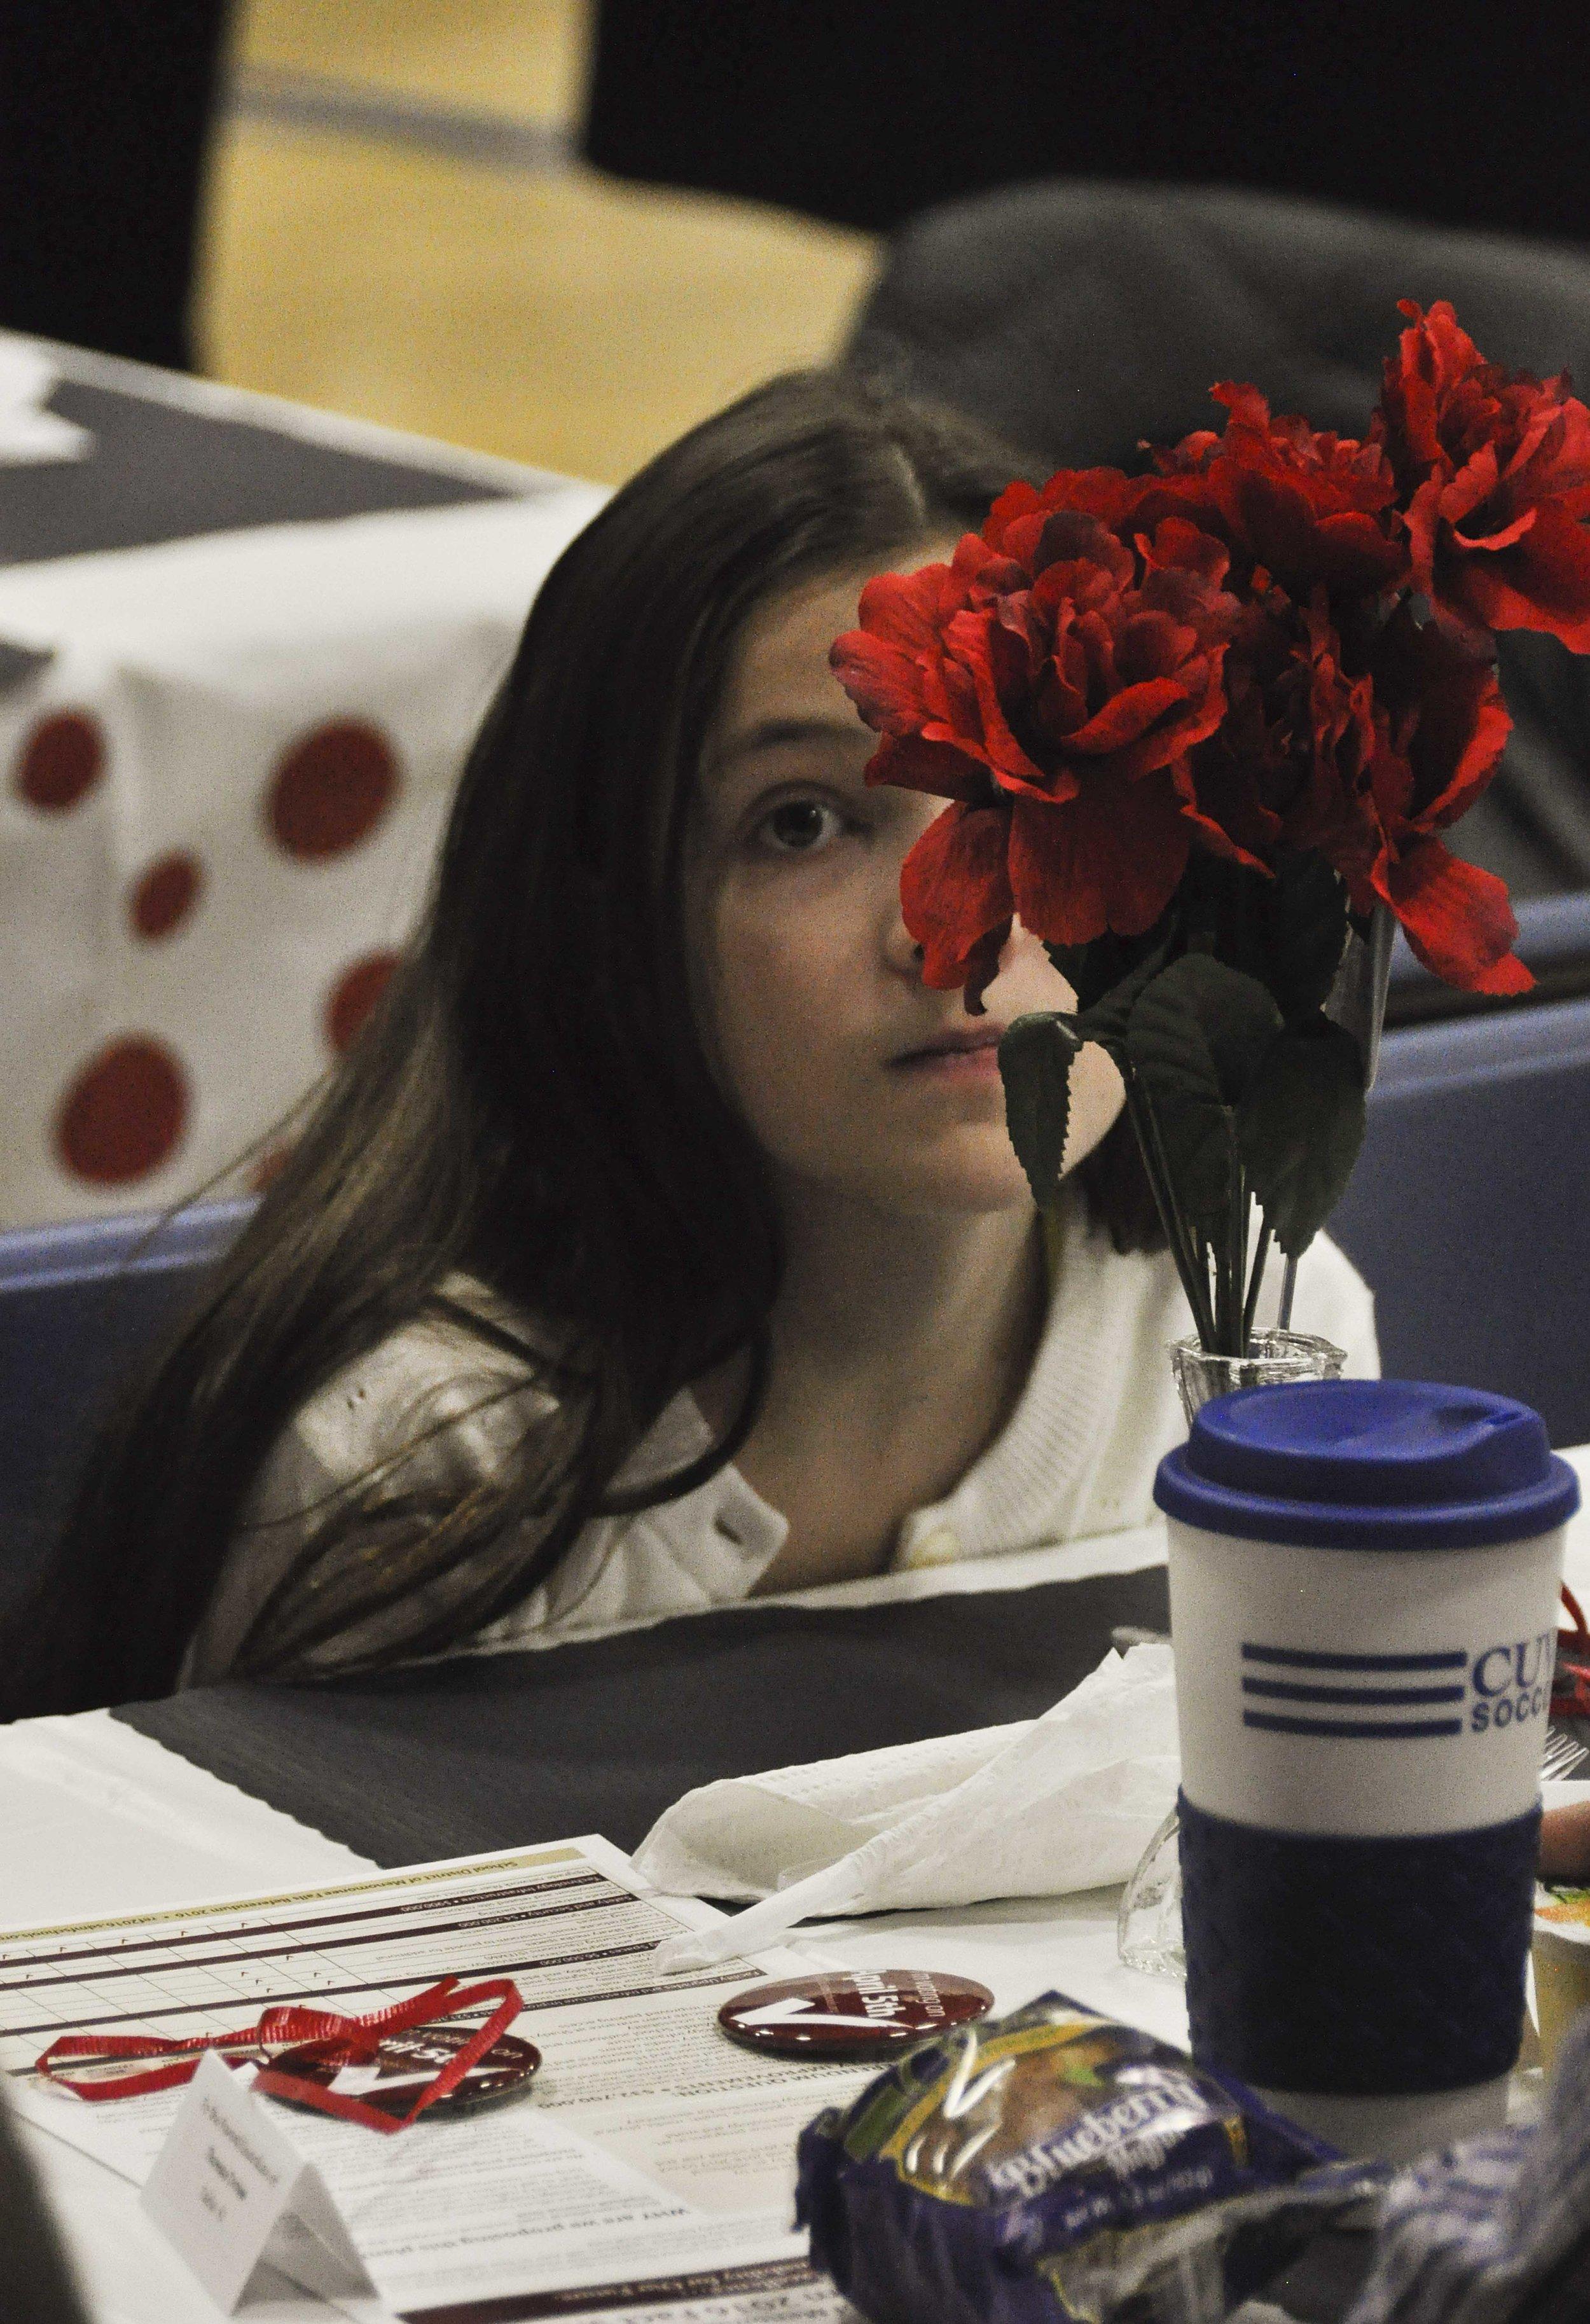 Girl Behind Roses - Sharpened.jpg